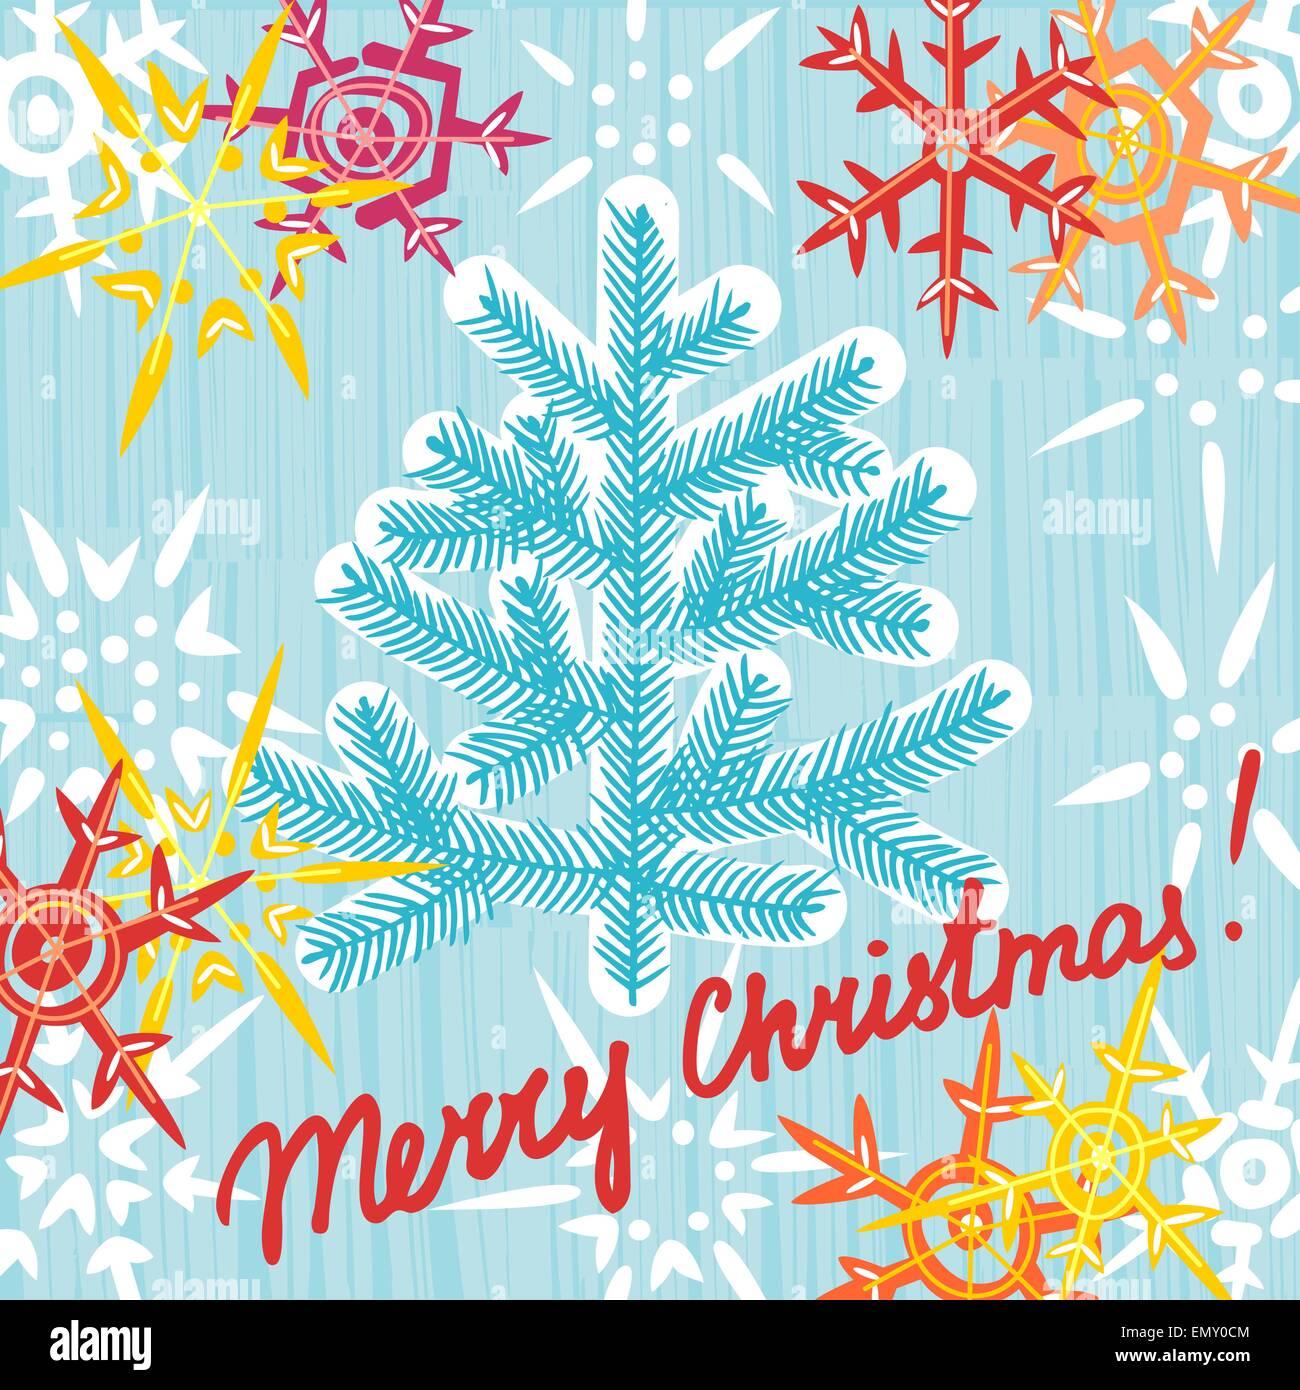 Christmas Greeting Card Postcard Editable Template Eps 10 Vector